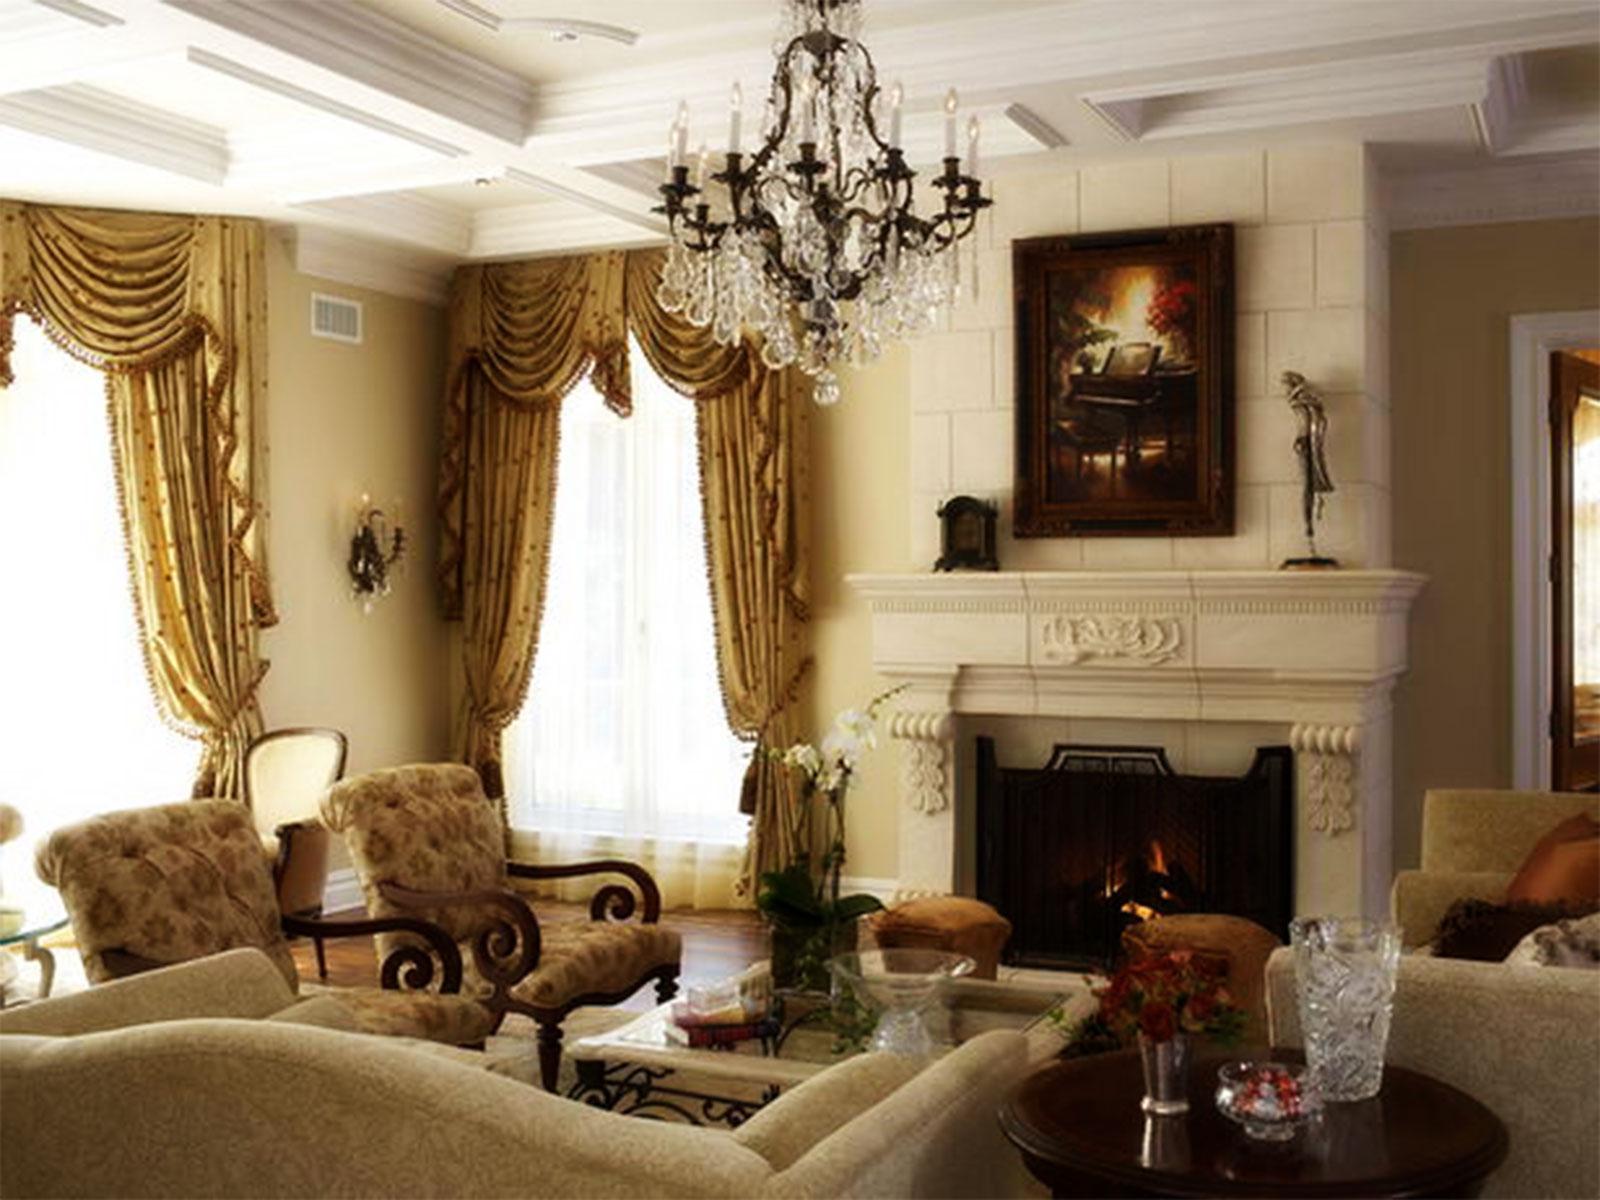 Perabot Inspirasi Tradisional Untuk Ruang Tamu Koleksi Mewah